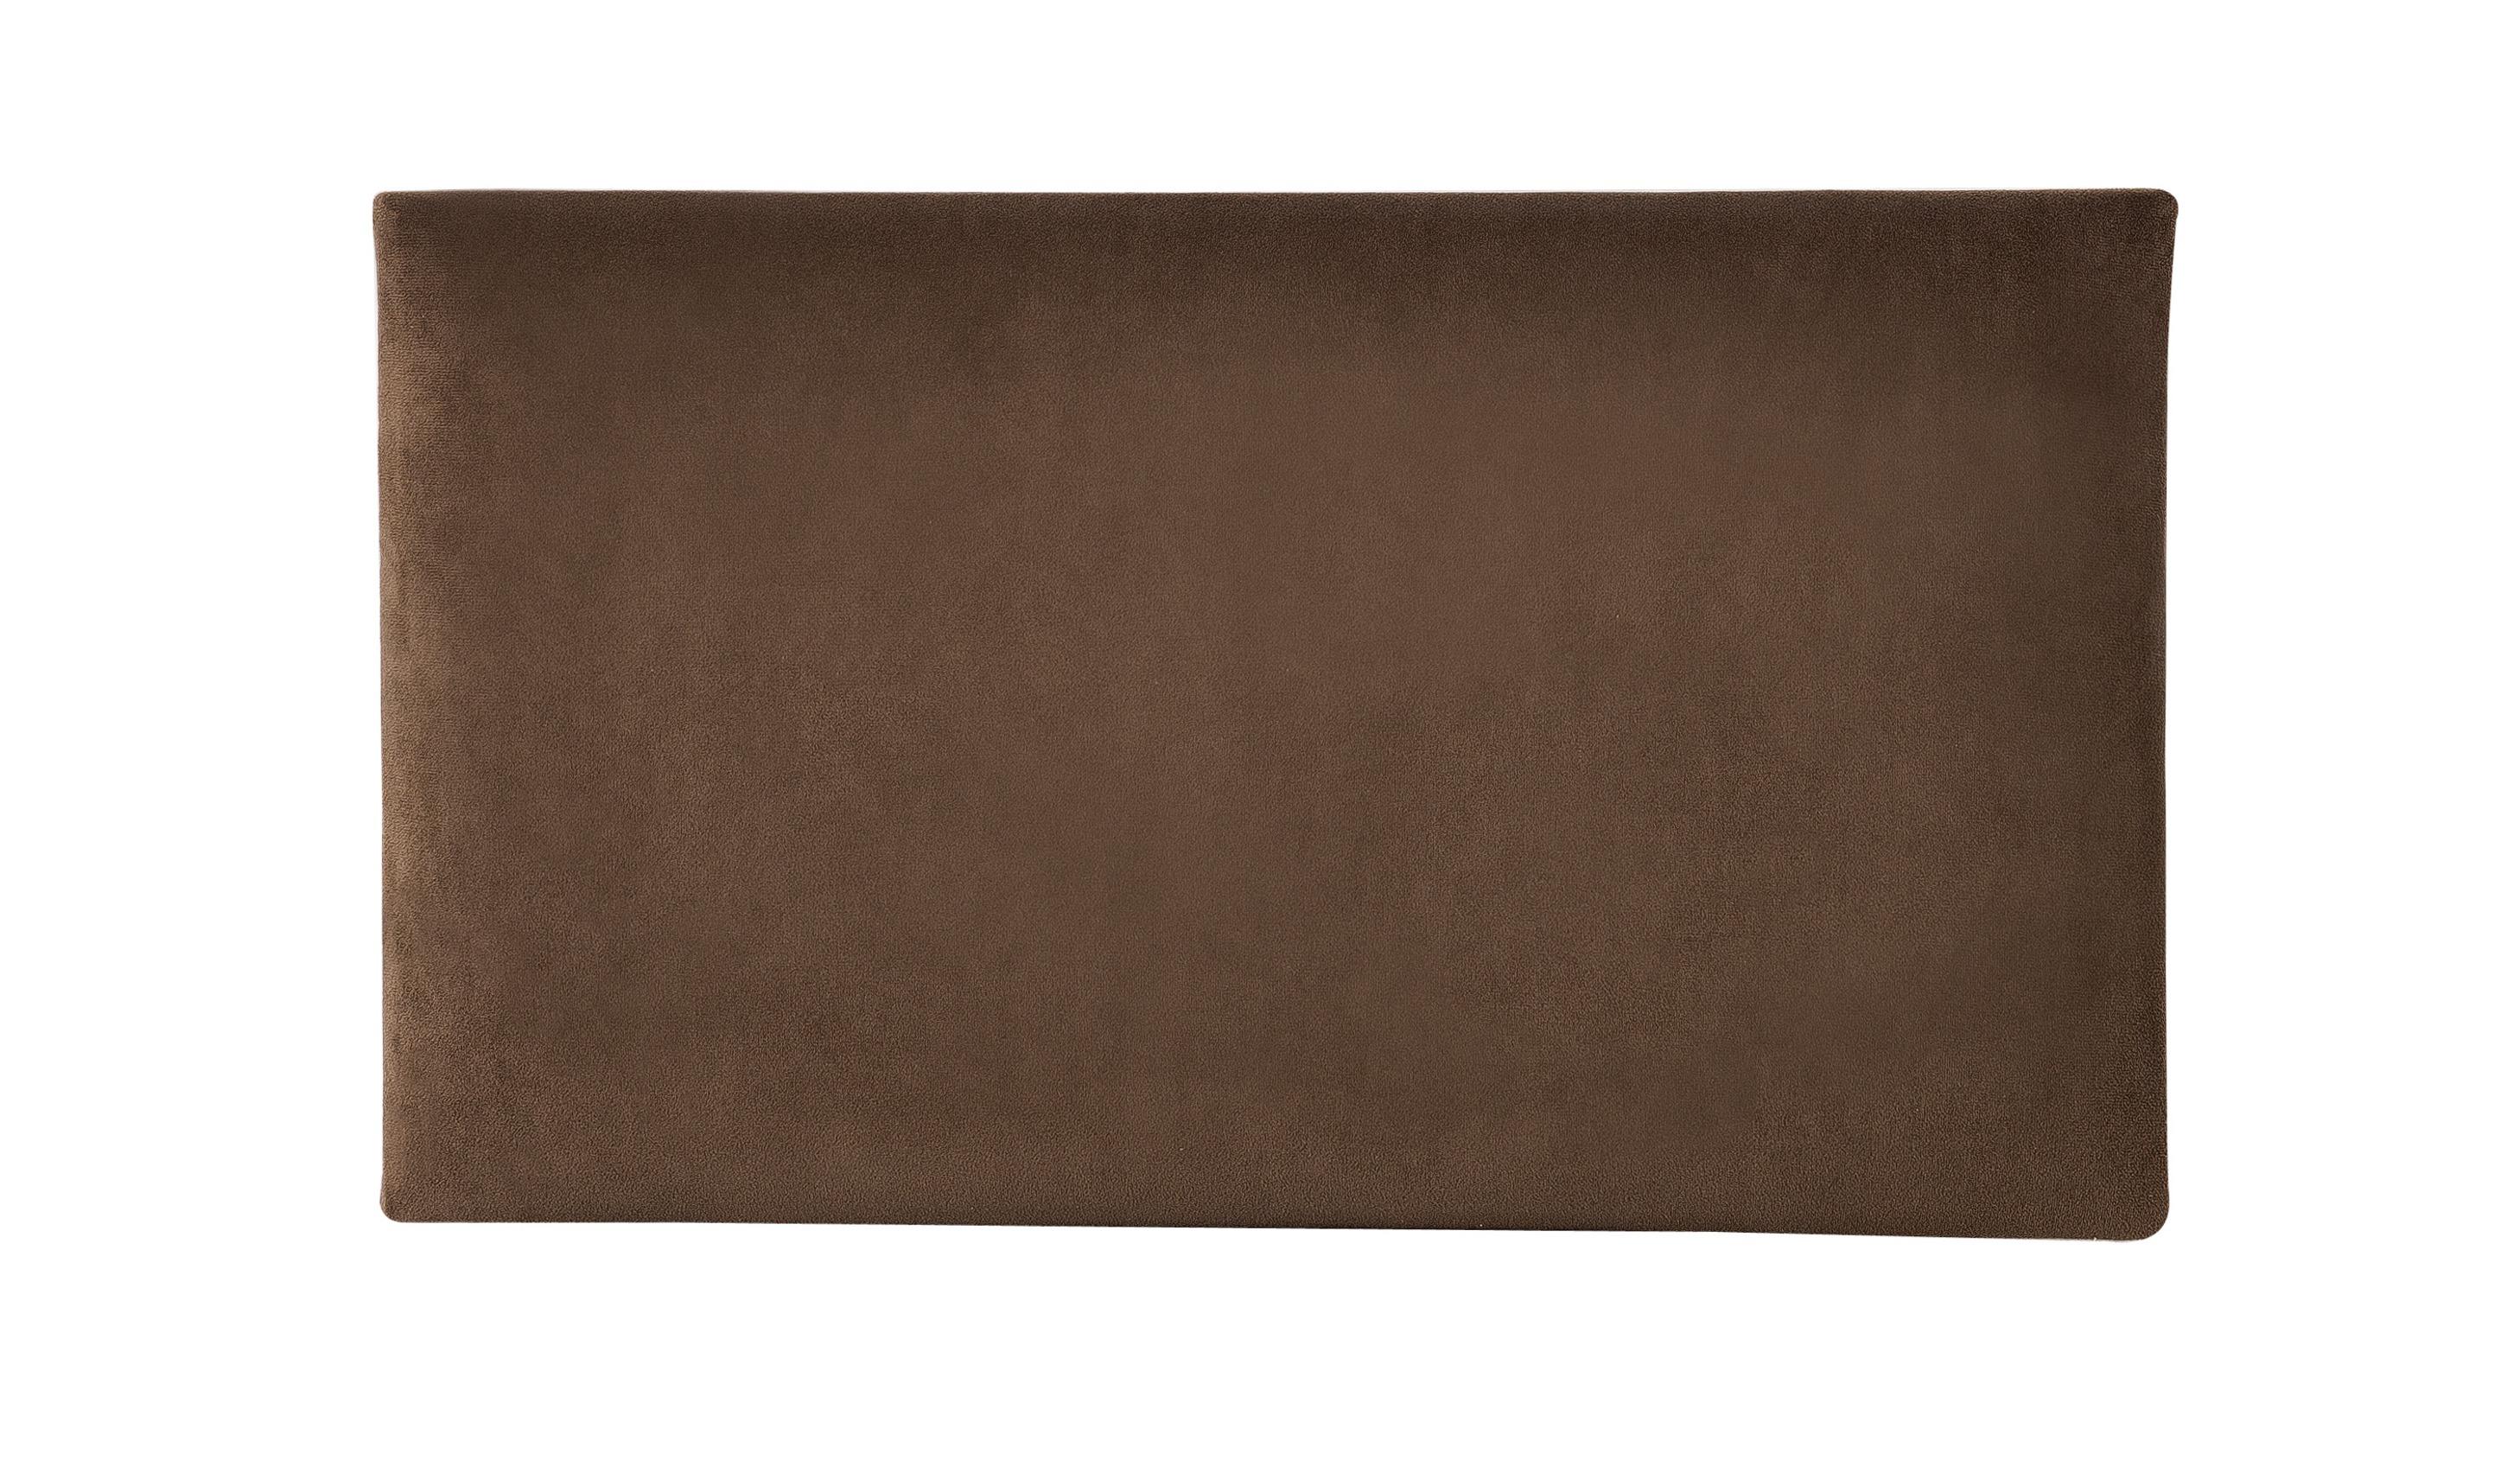 Image of   K&M sædepolster til 13700 > 13751, brunt fløjl